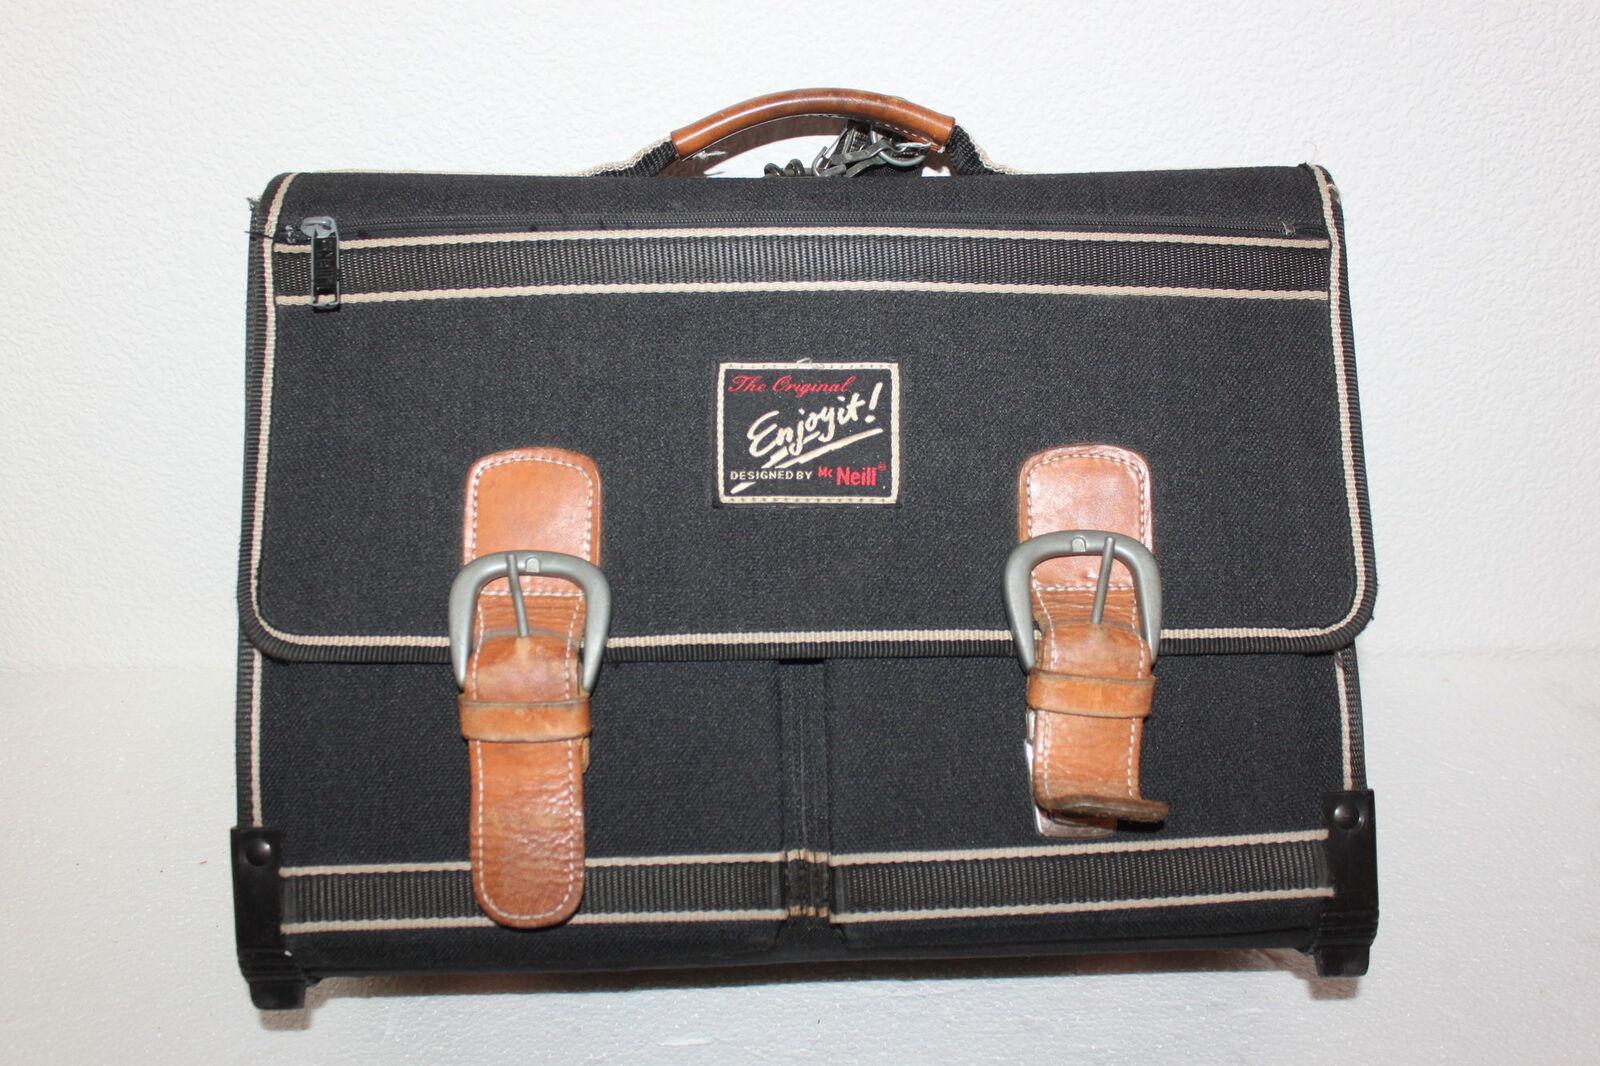 Enjoy it  by McNeill Vintage Schultasche mit Schultergurt Aktentasche | Vielfältiges neues Design  | Exquisite Verarbeitung  | Kaufen Sie online